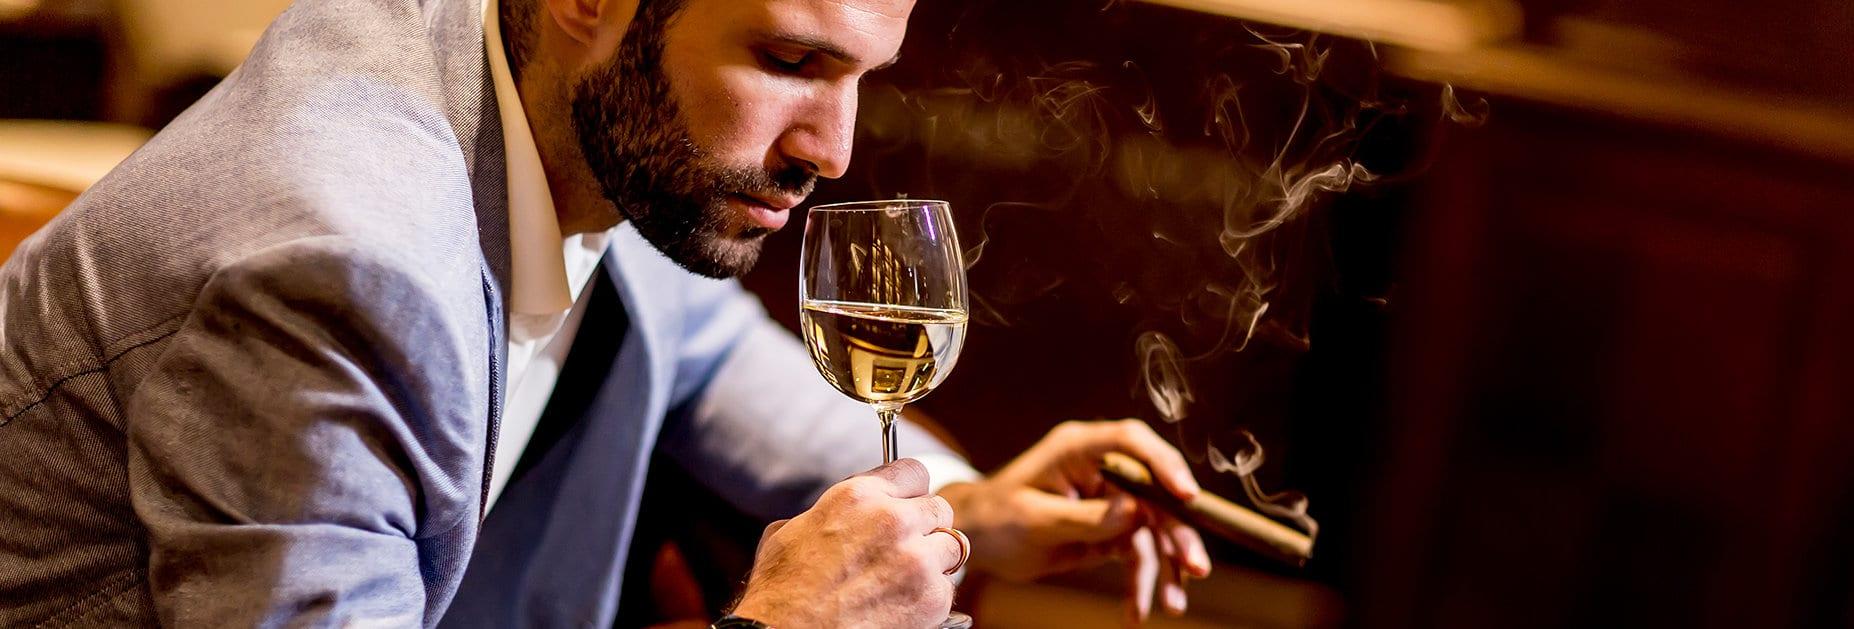 Die grössten Fauxpas in Sachen Wein